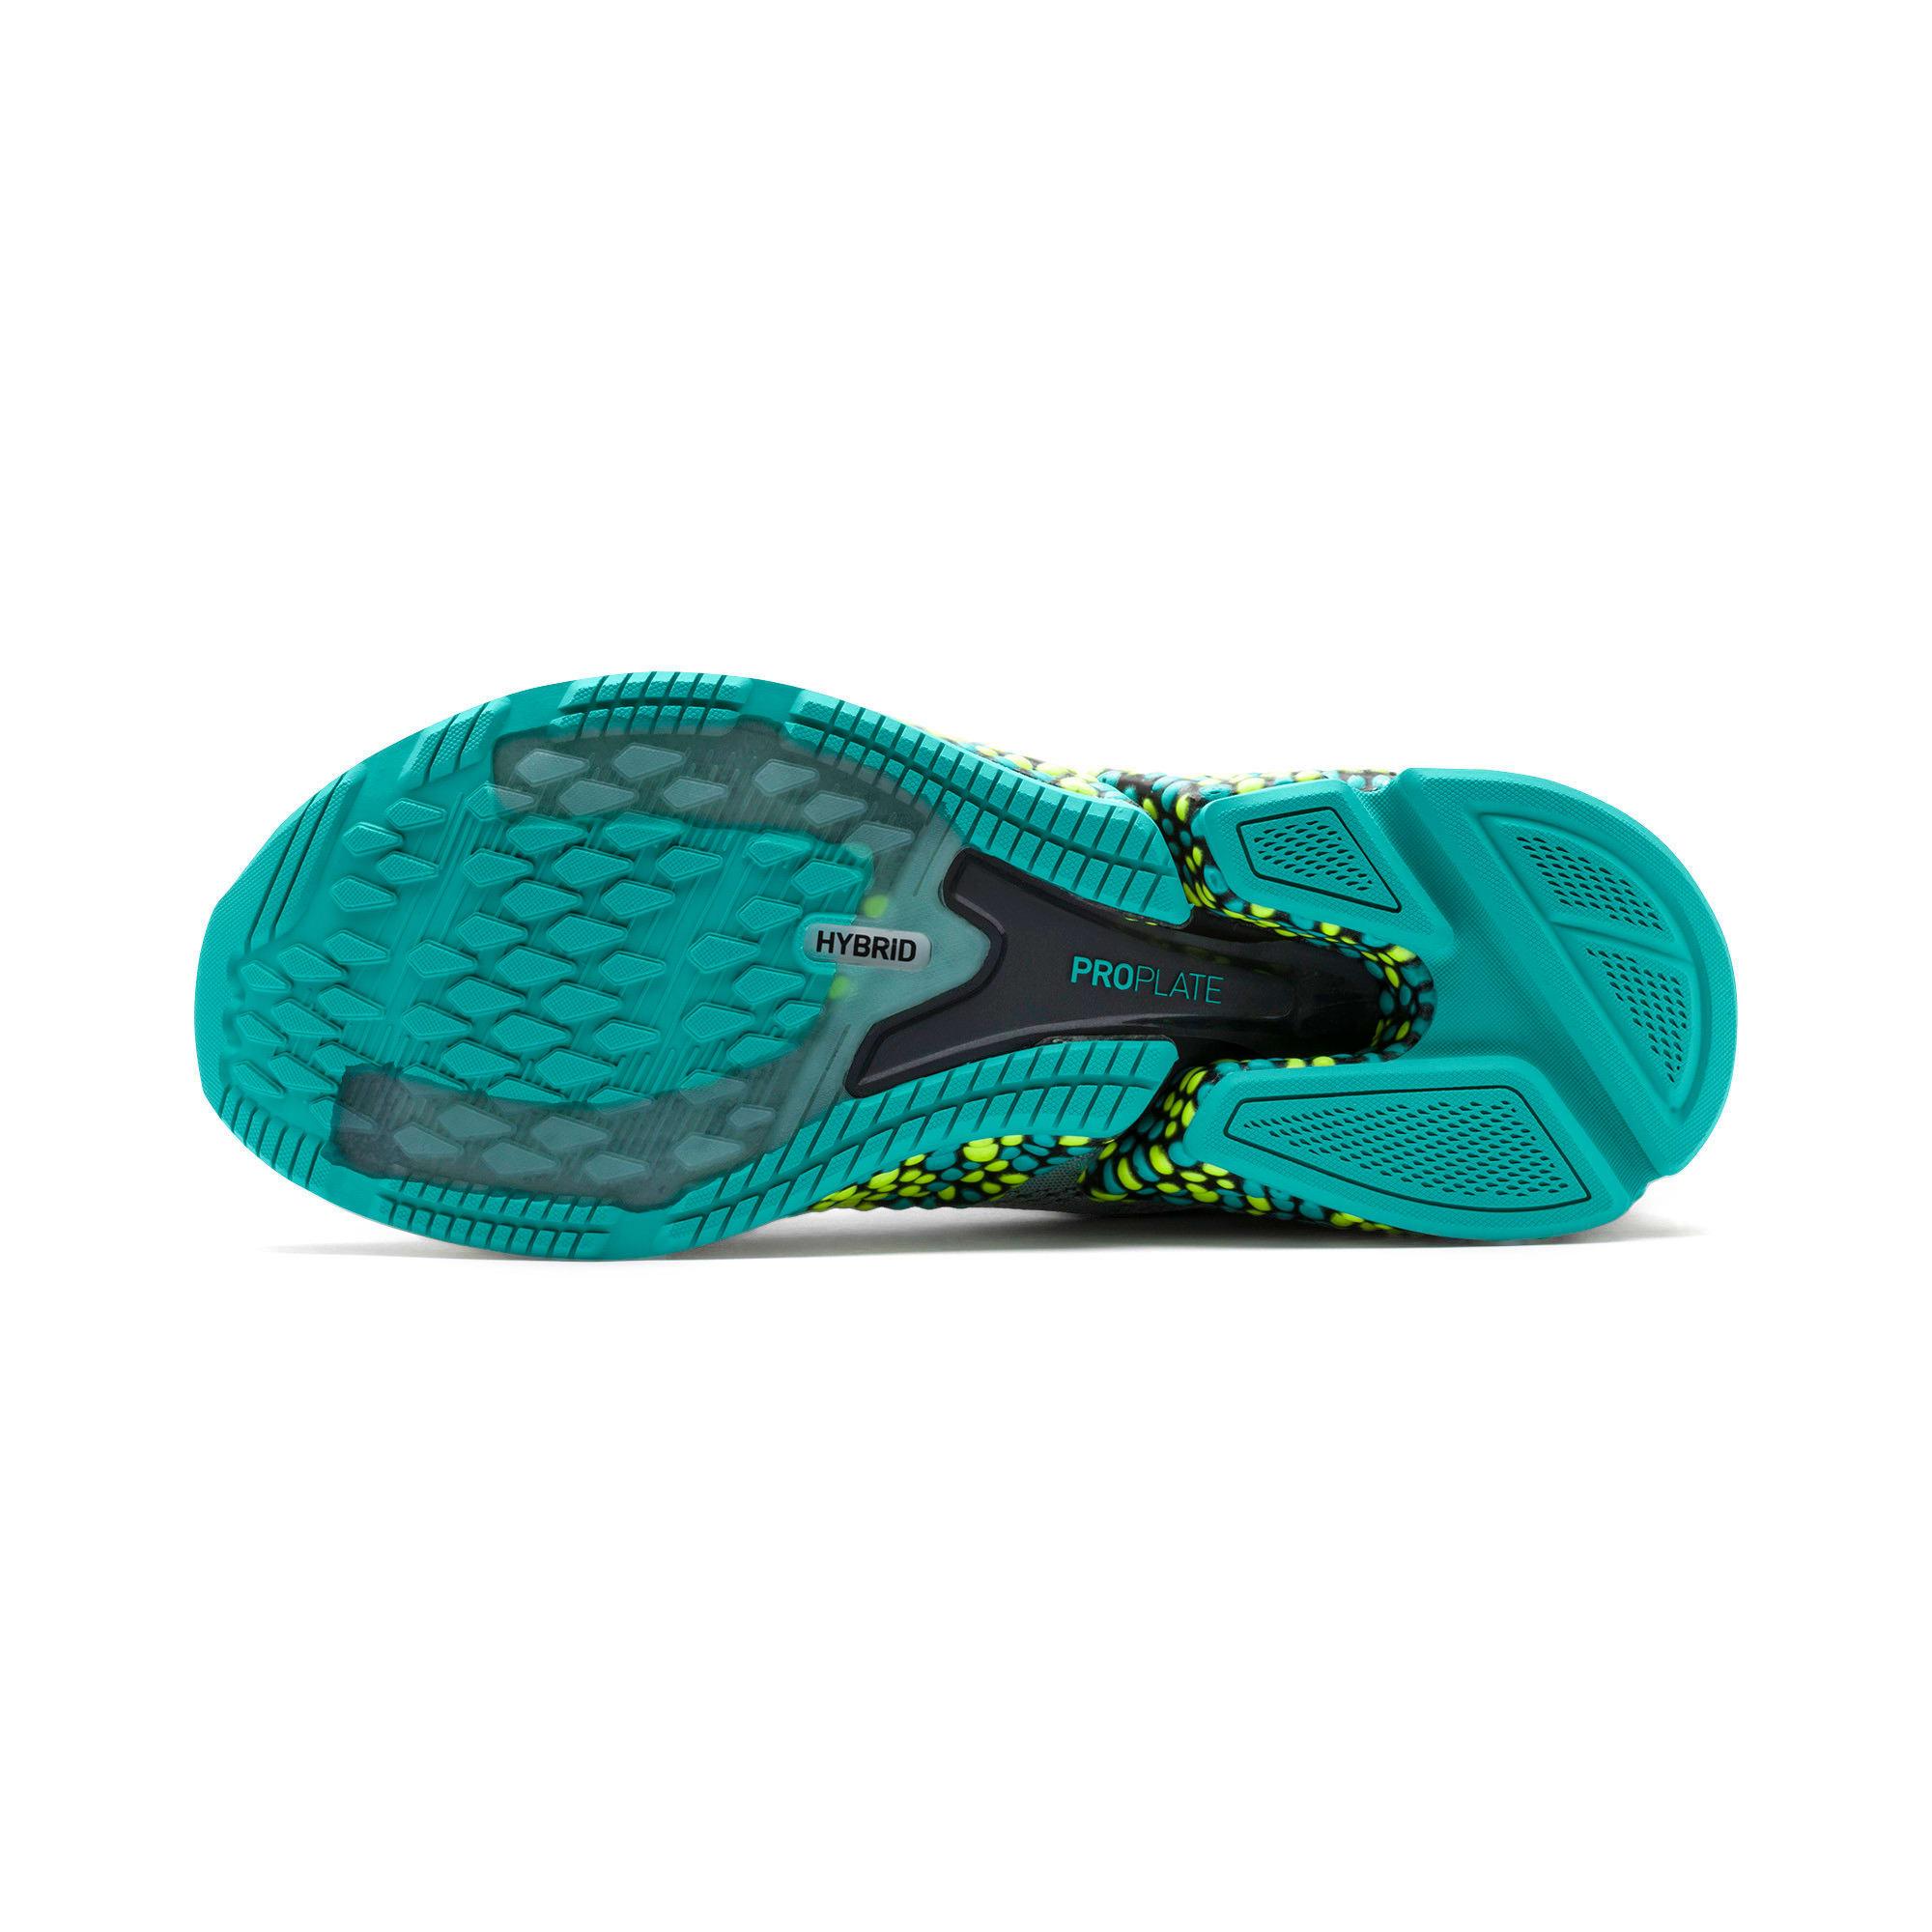 Thumbnail 5 of HYBRID SPEED Orbiter Men's Running Shoes, High Rise-Blue Turquoise, medium